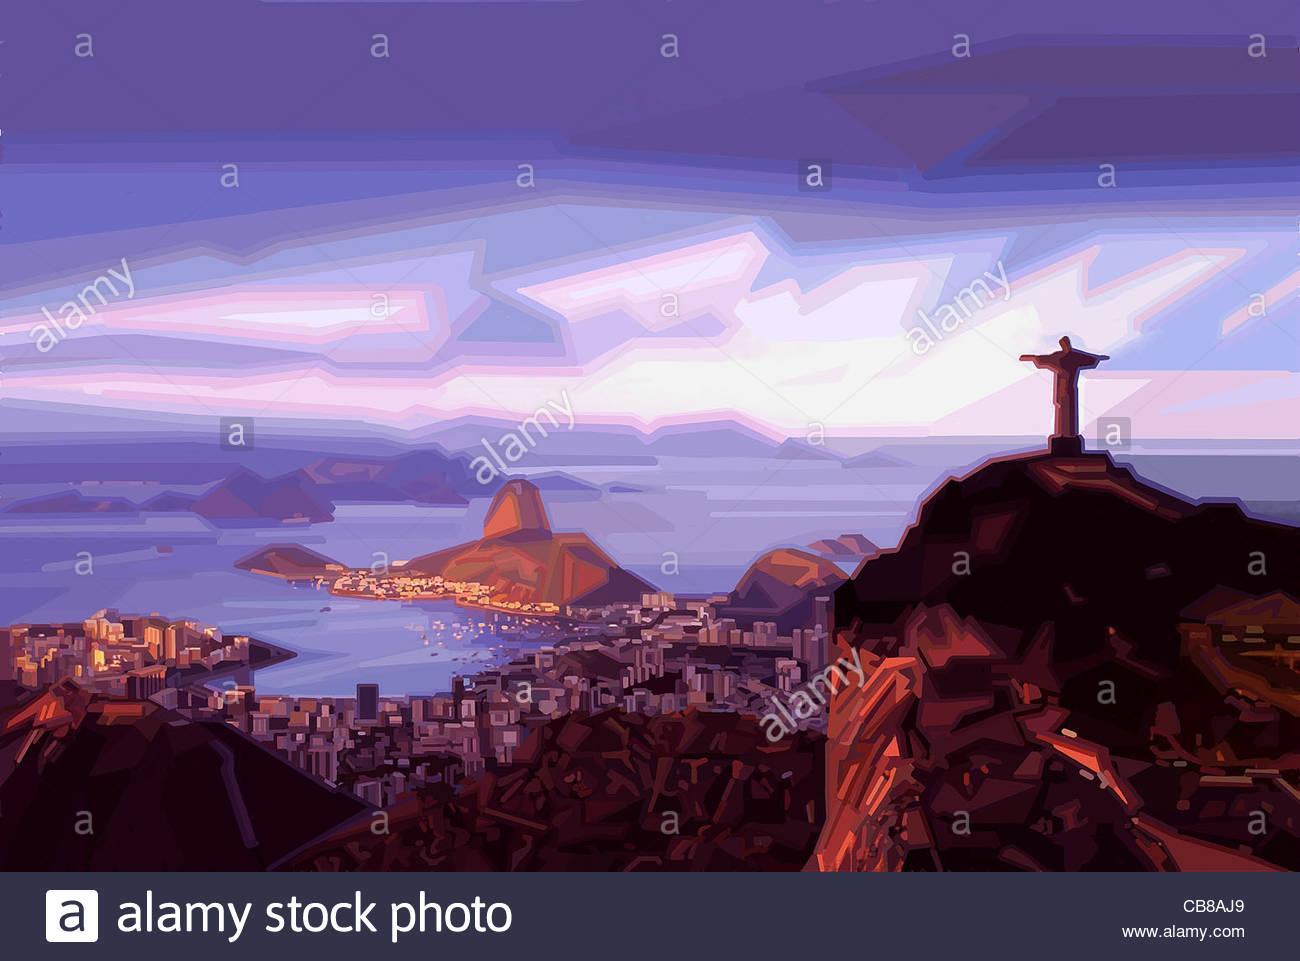 Serie ciudad de Río de Janeiro, Ciudad de Carnaval urbanidad urbana ciudades city en Imagen De Stock